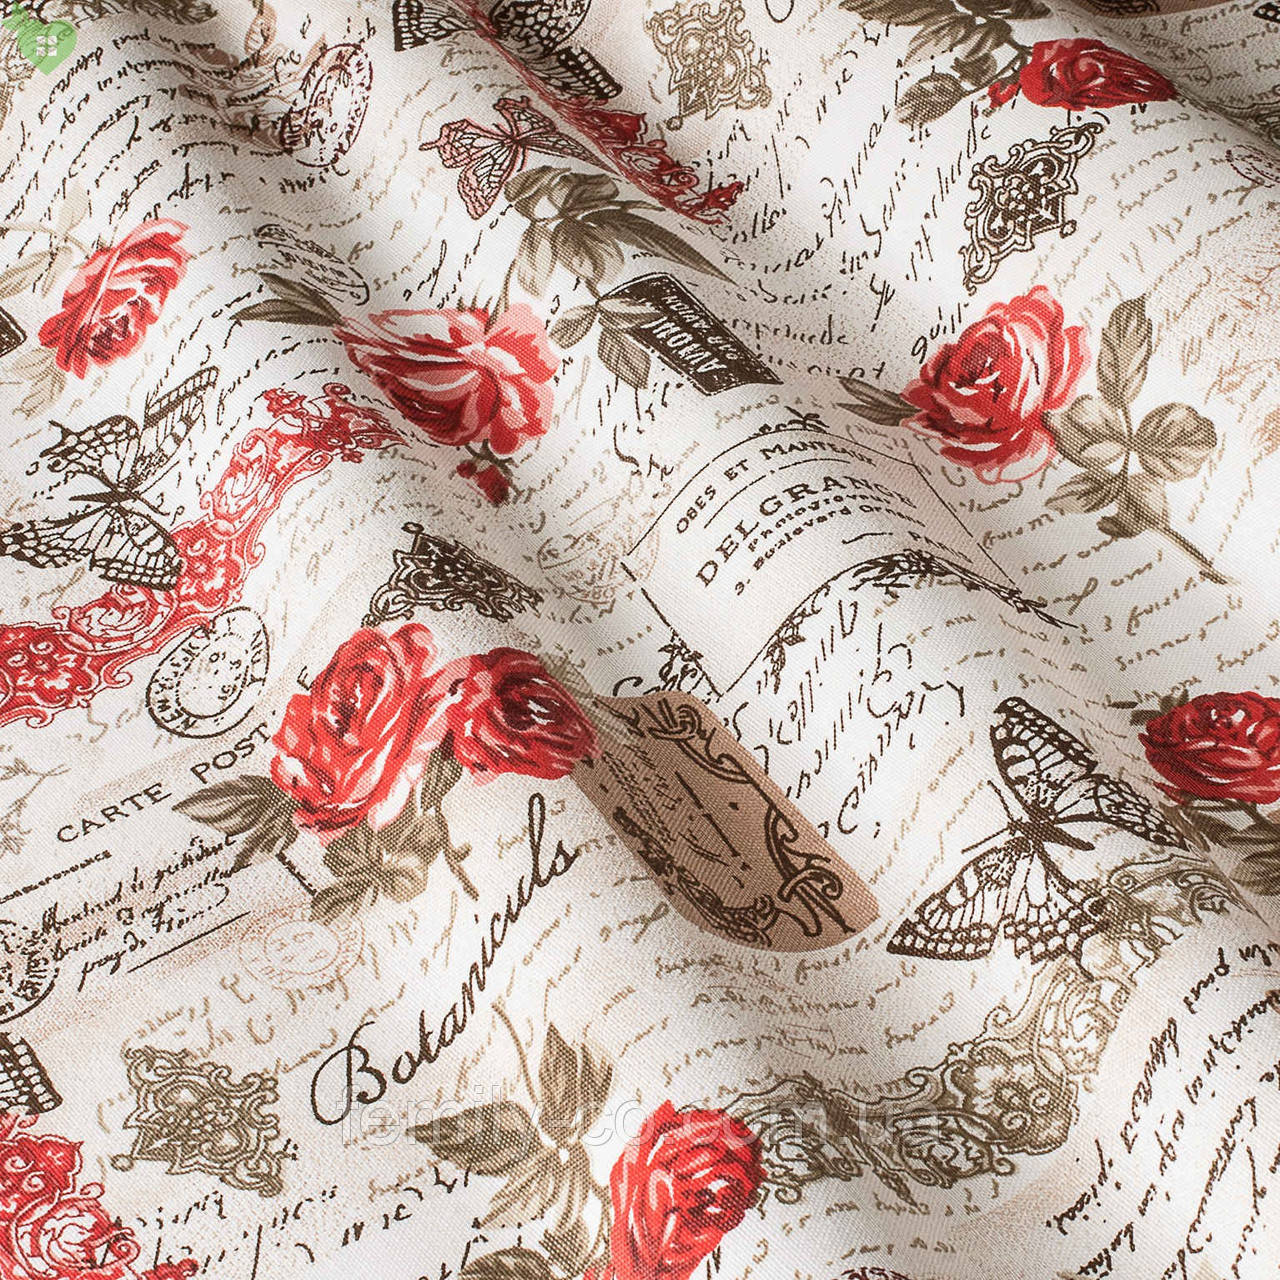 Декоративная ткань веточки с бутонами красных роз и коричневые надписи Турция 81692v13